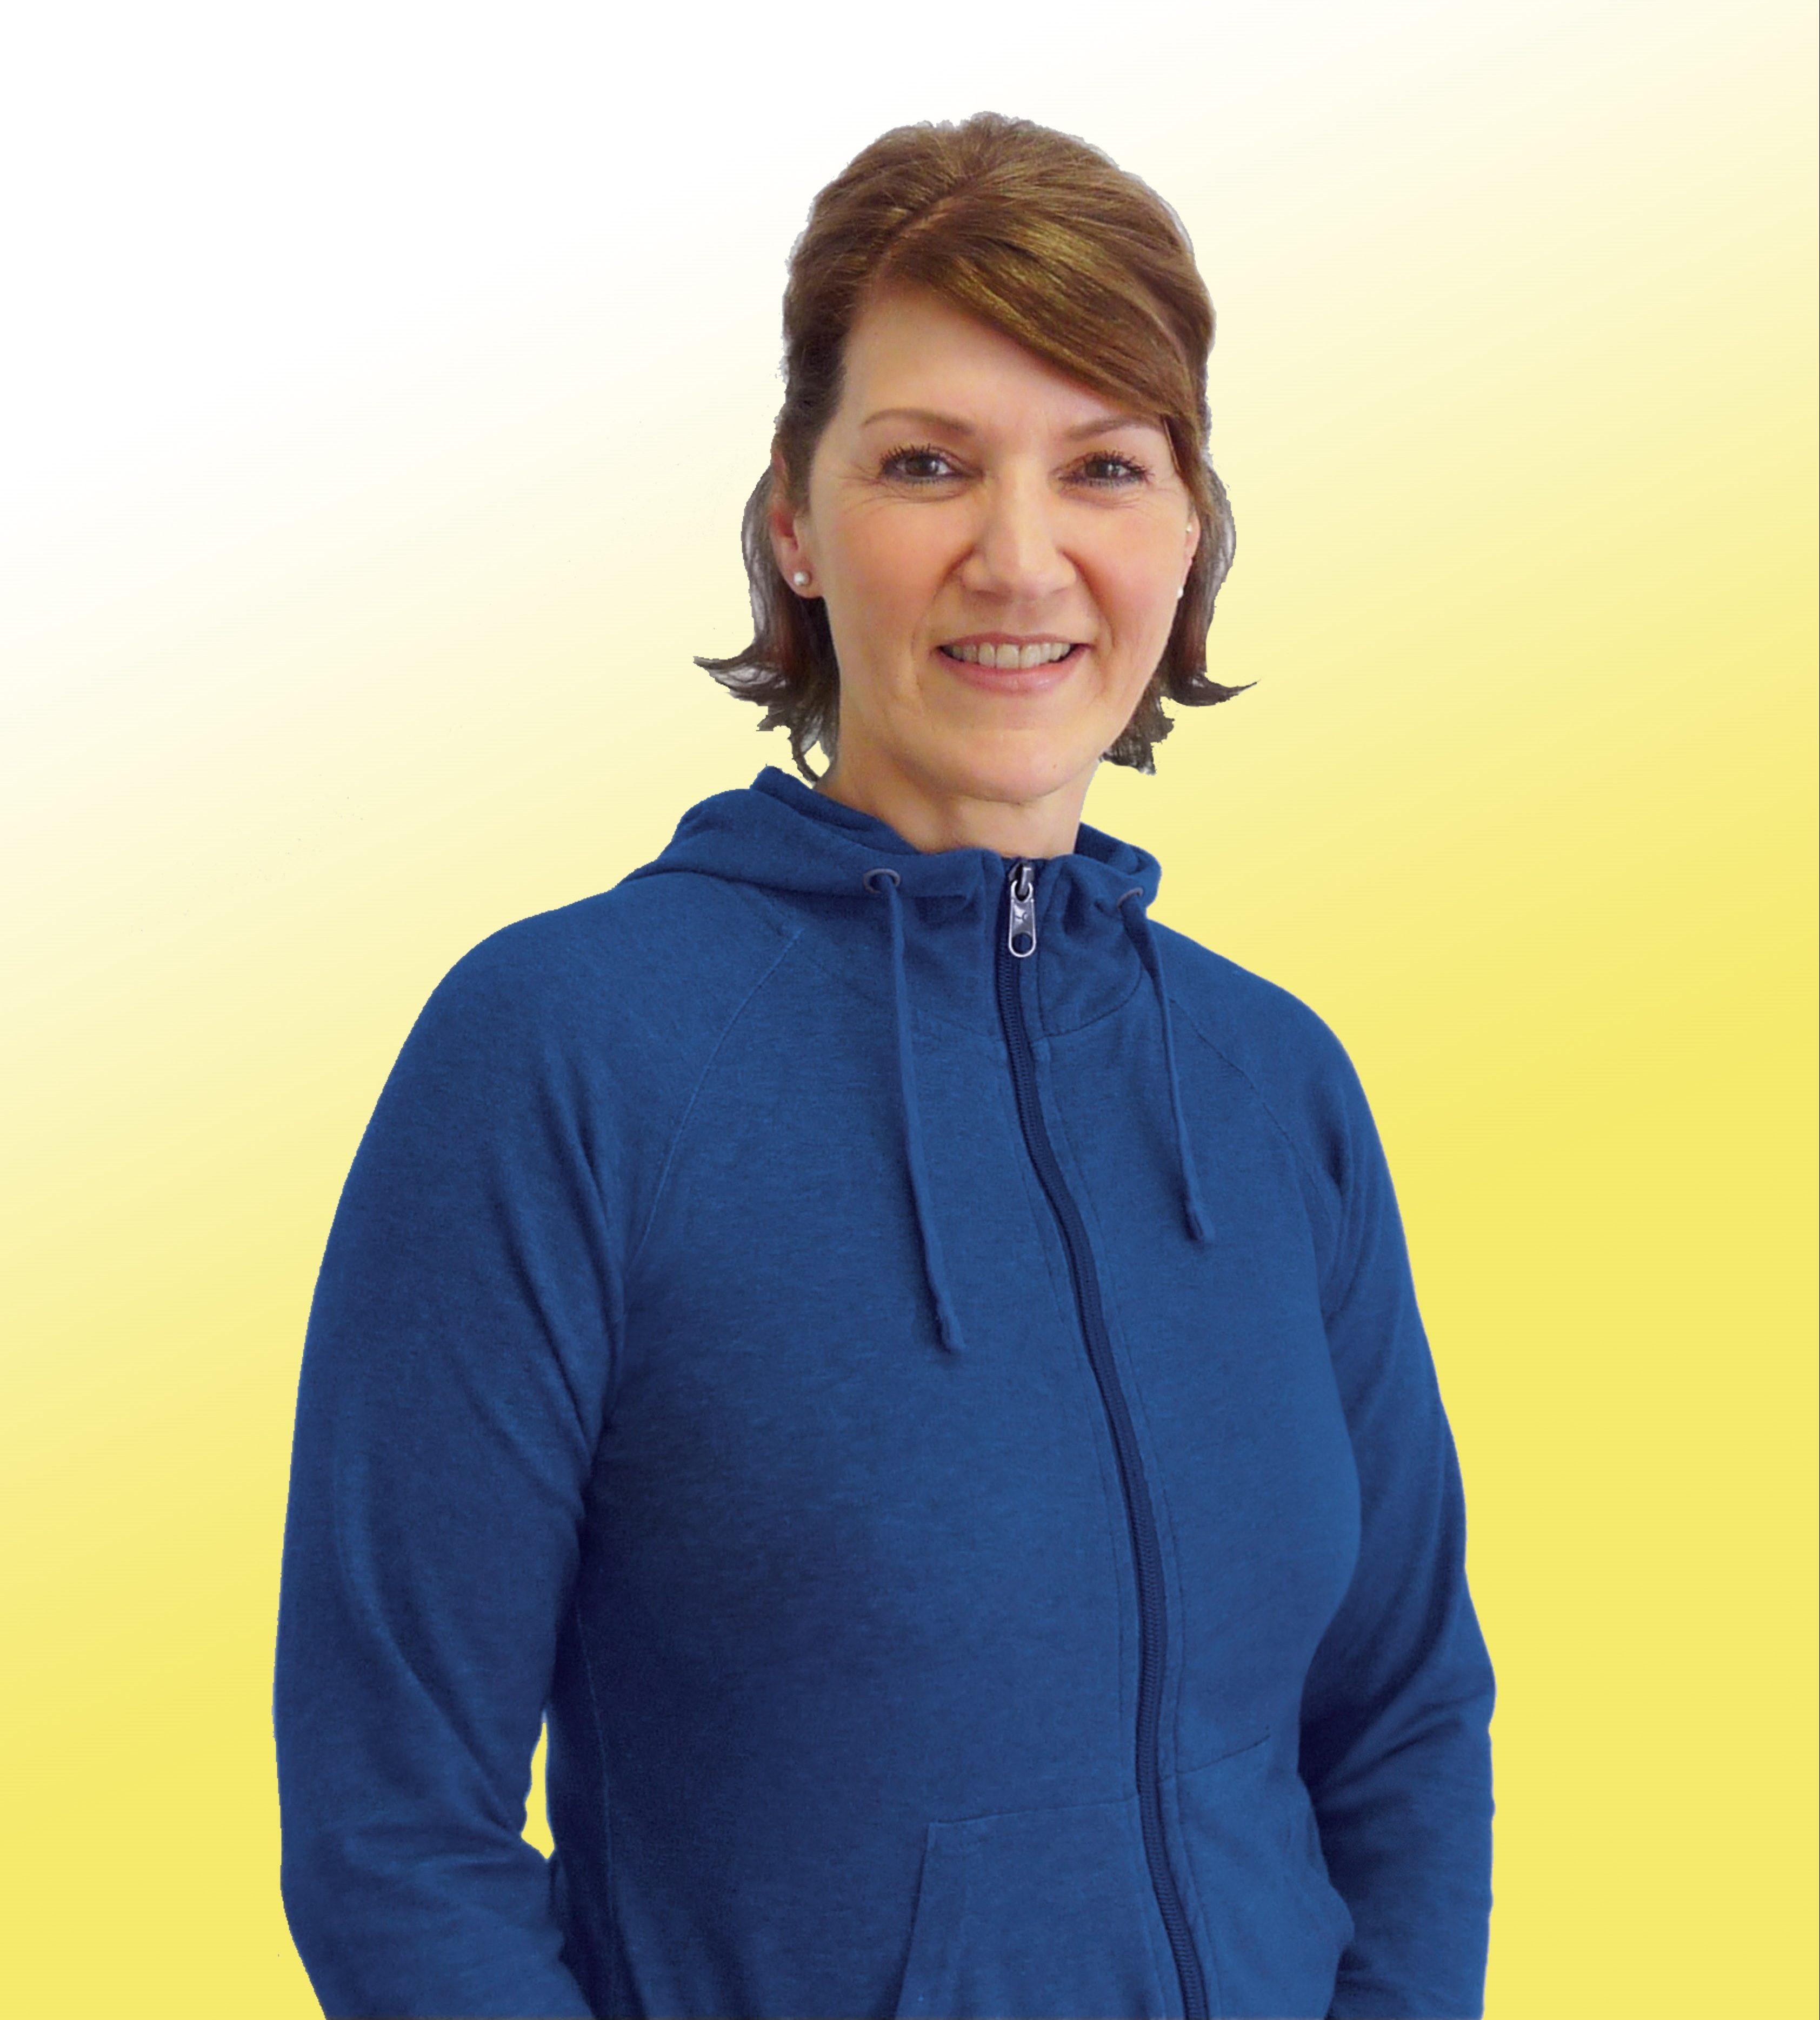 Jutta Krause - Empfang Physiotherapie Frei in Bewegung